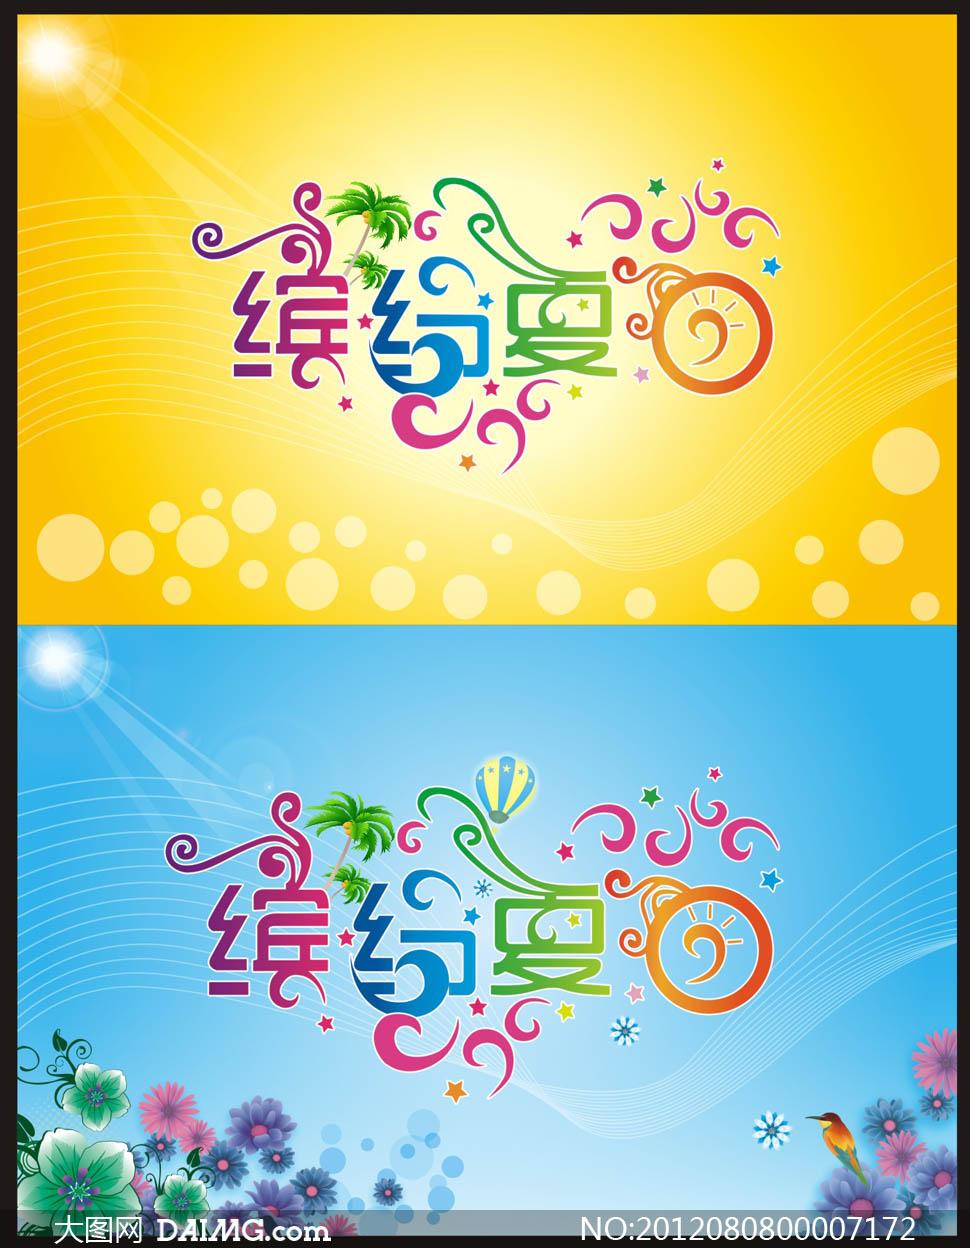 艺术字花纹字字体设计花朵鲜花小鸟光照炫彩条理点点椰子树星星网格光图片